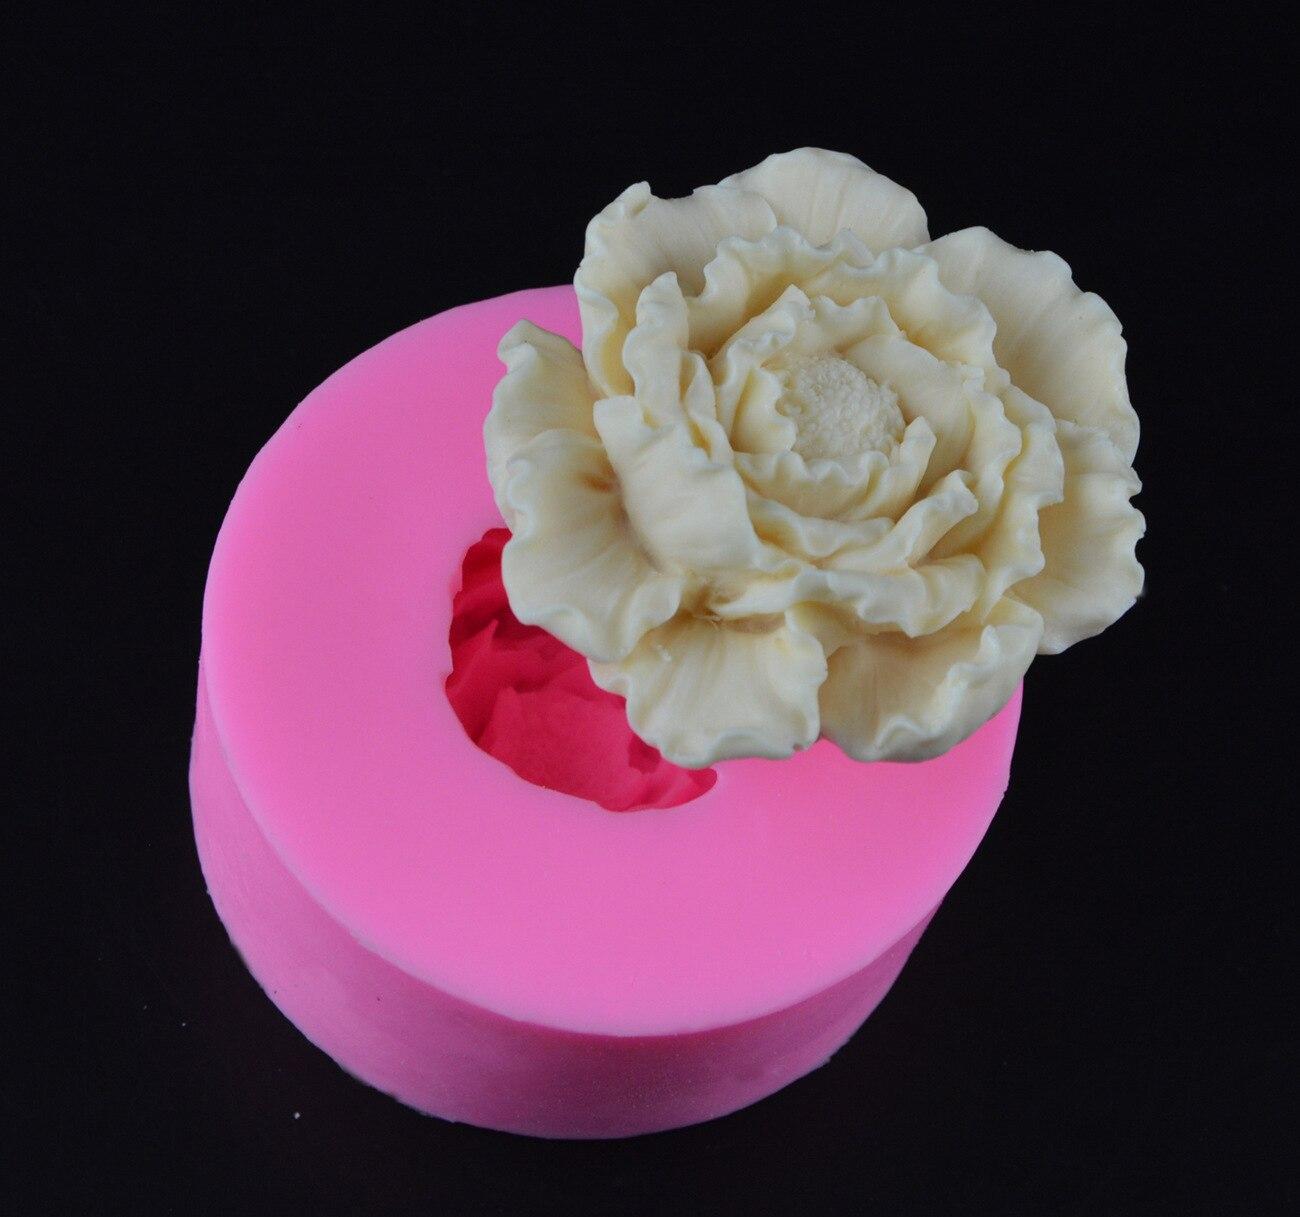 3D форма пиона силиконовые формы для помады цветы мыло ручной работы свечная глина Fimo формы для выпечки торта инструменты для свадебного декора H600|Формы для тортов|   | АлиЭкспресс